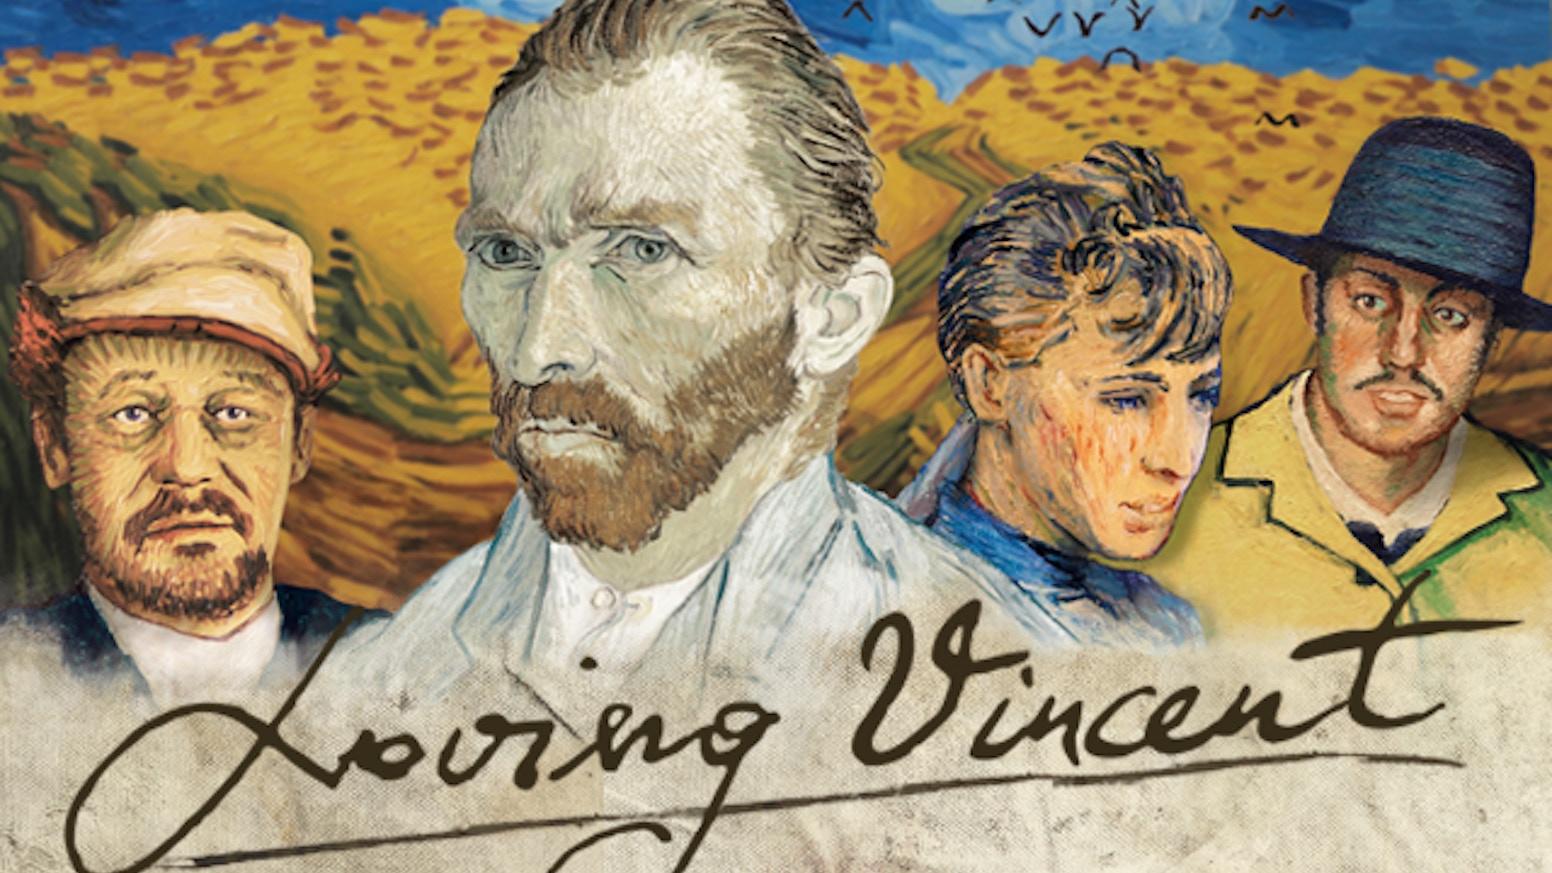 Loving Vincent Film Bring Van Gogh Paintings To Life By Hugh Welchman Kickstarter